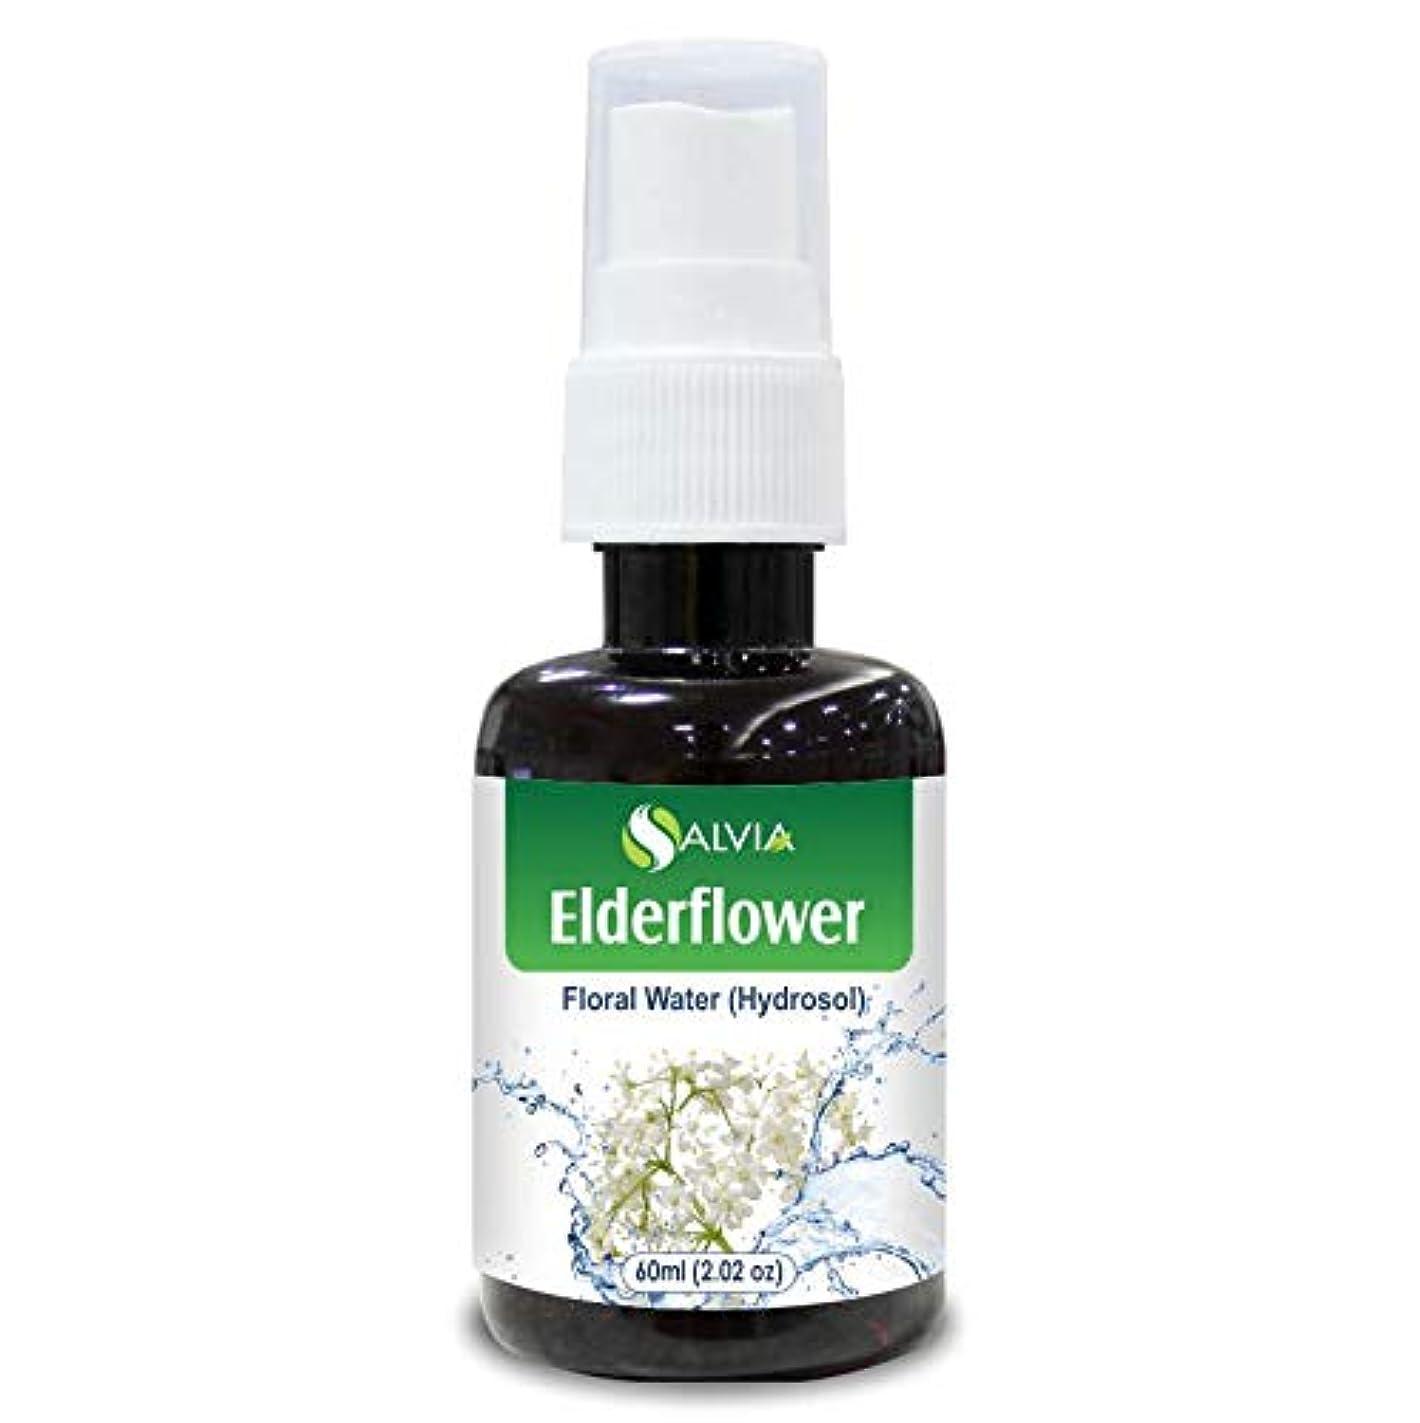 勝利したコンパクト仮称Elderflower Floral Water 60ml (Hydrosol) 100% Pure And Natural